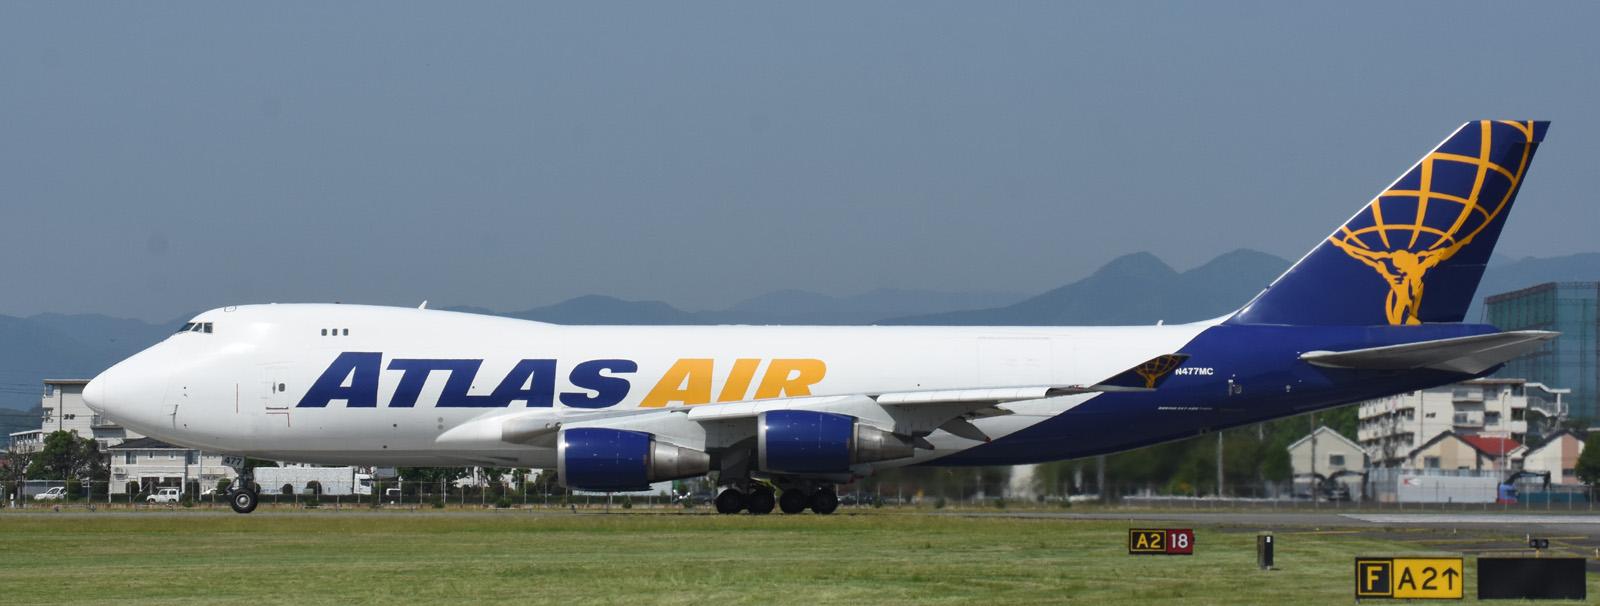 Atlas180501g987